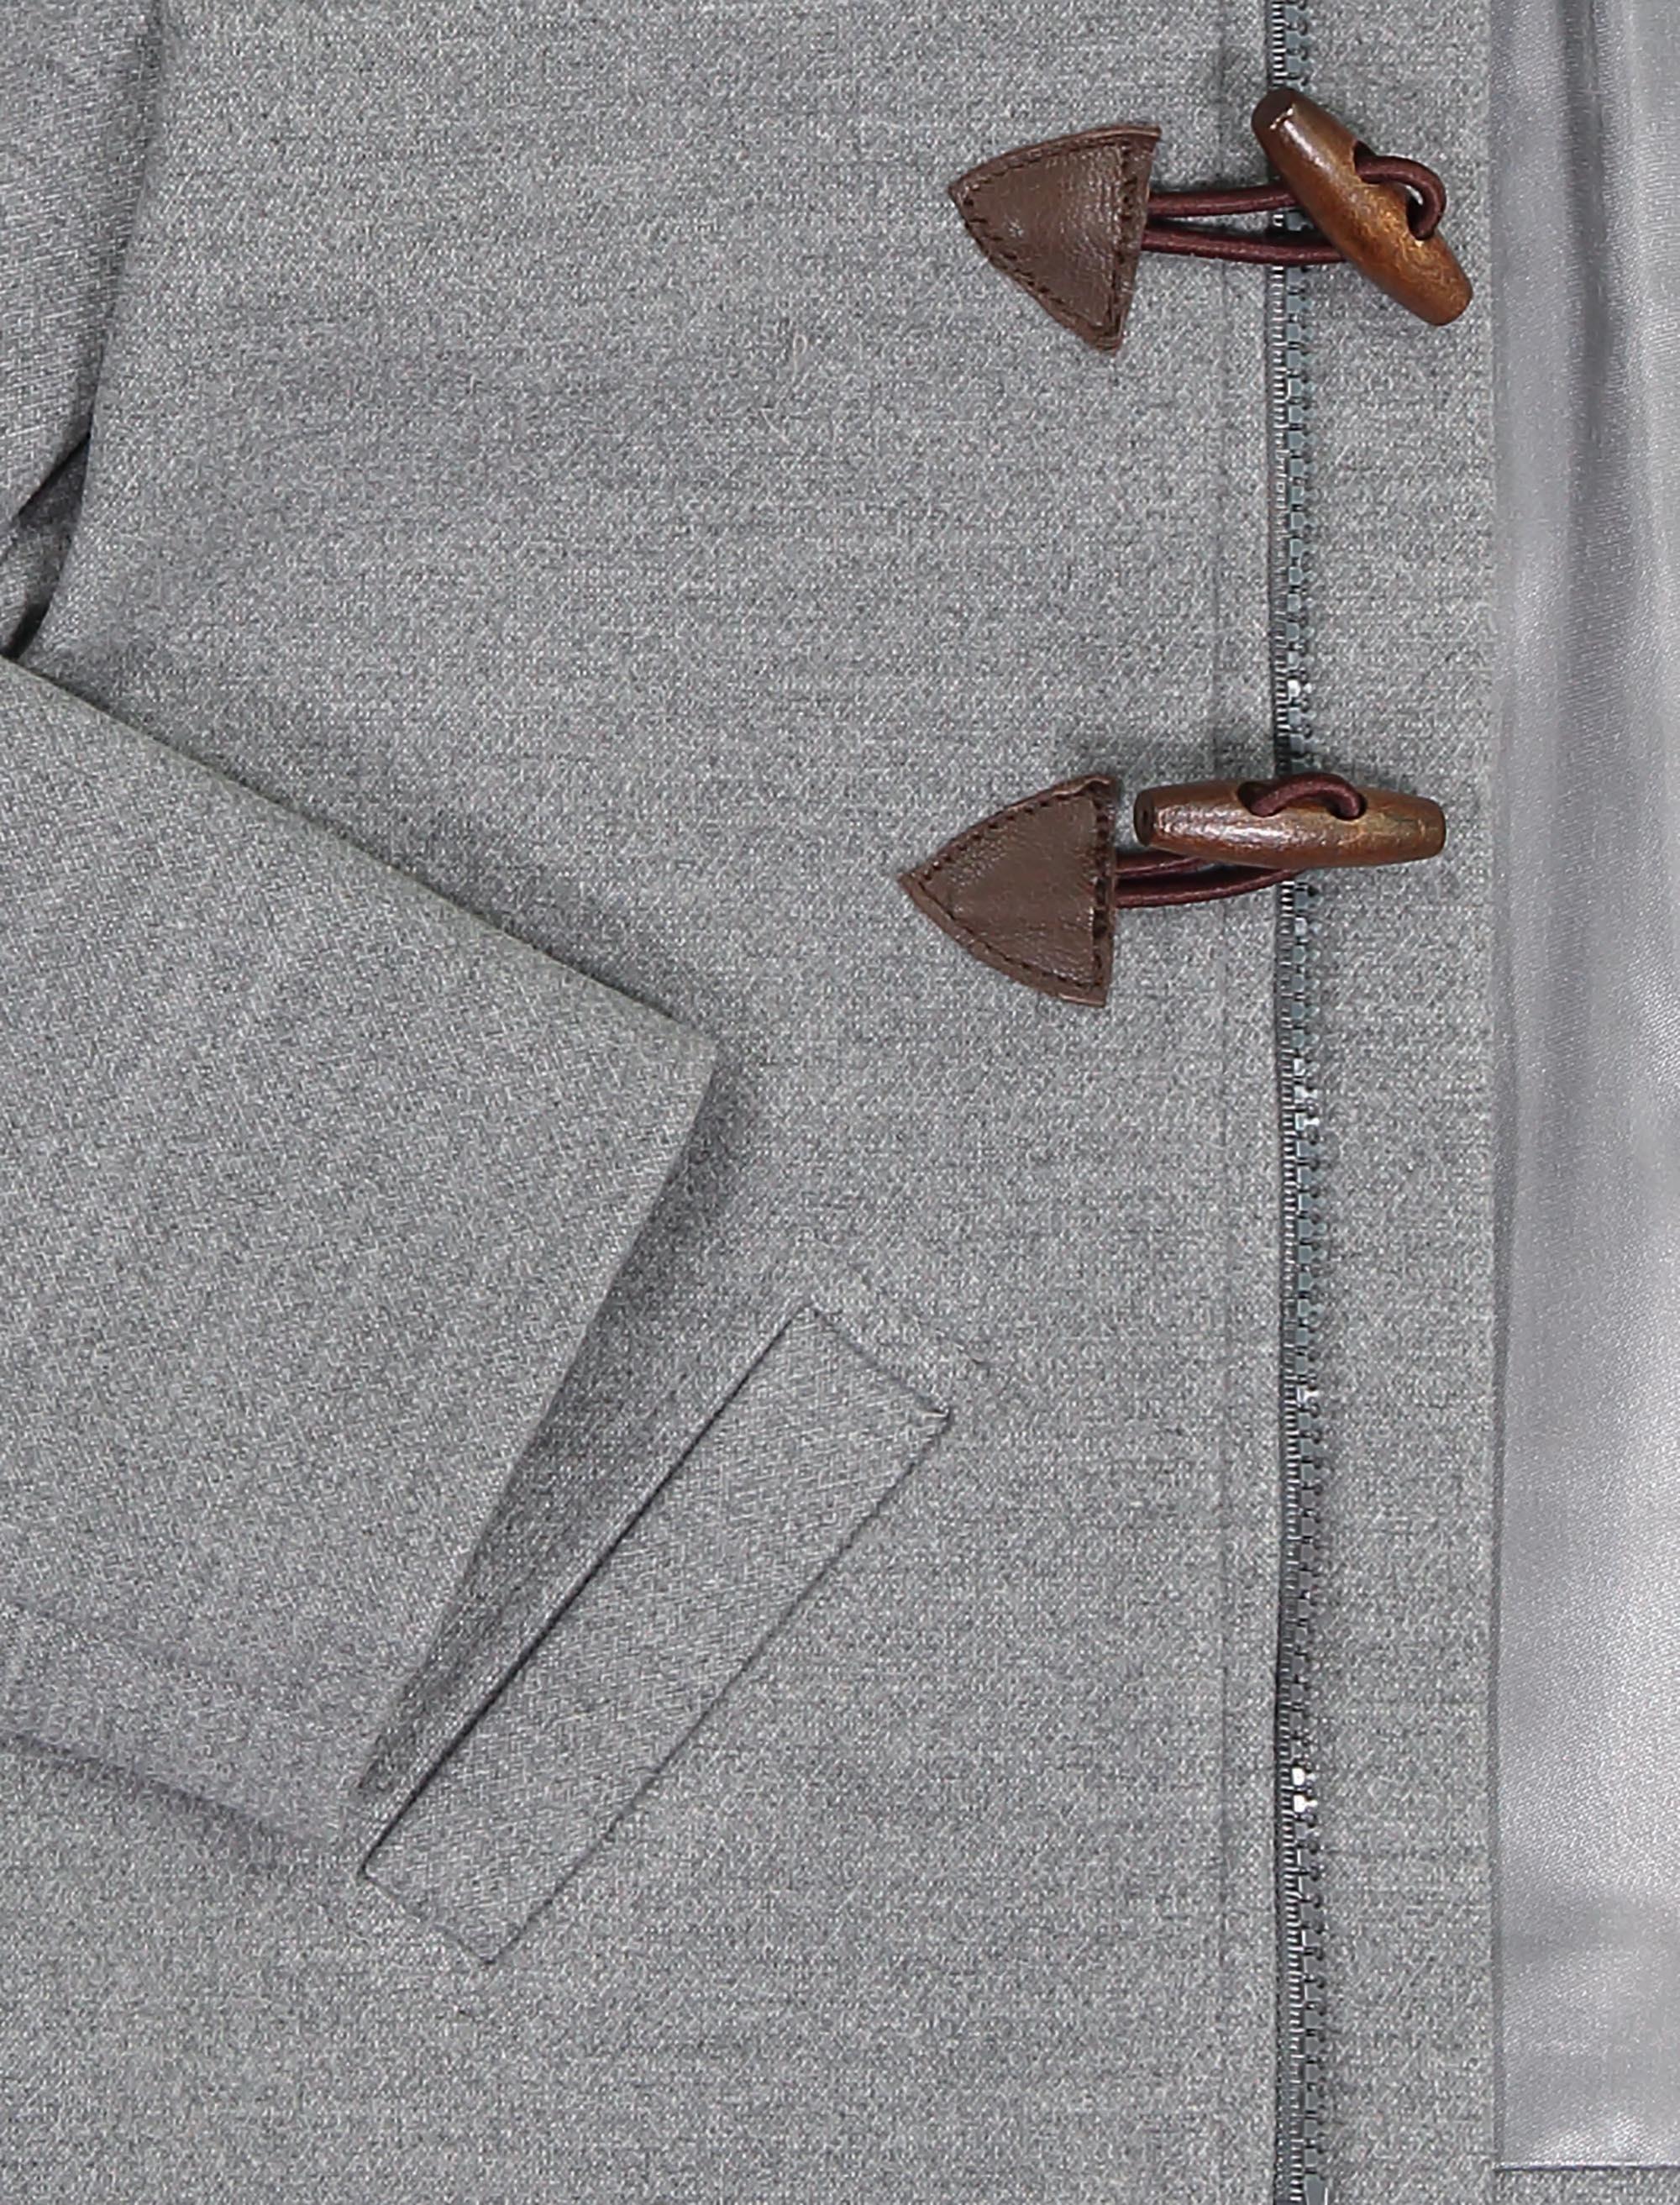 کت کوتاه پسرانه مدل پویا - دایان - طوسی - 4